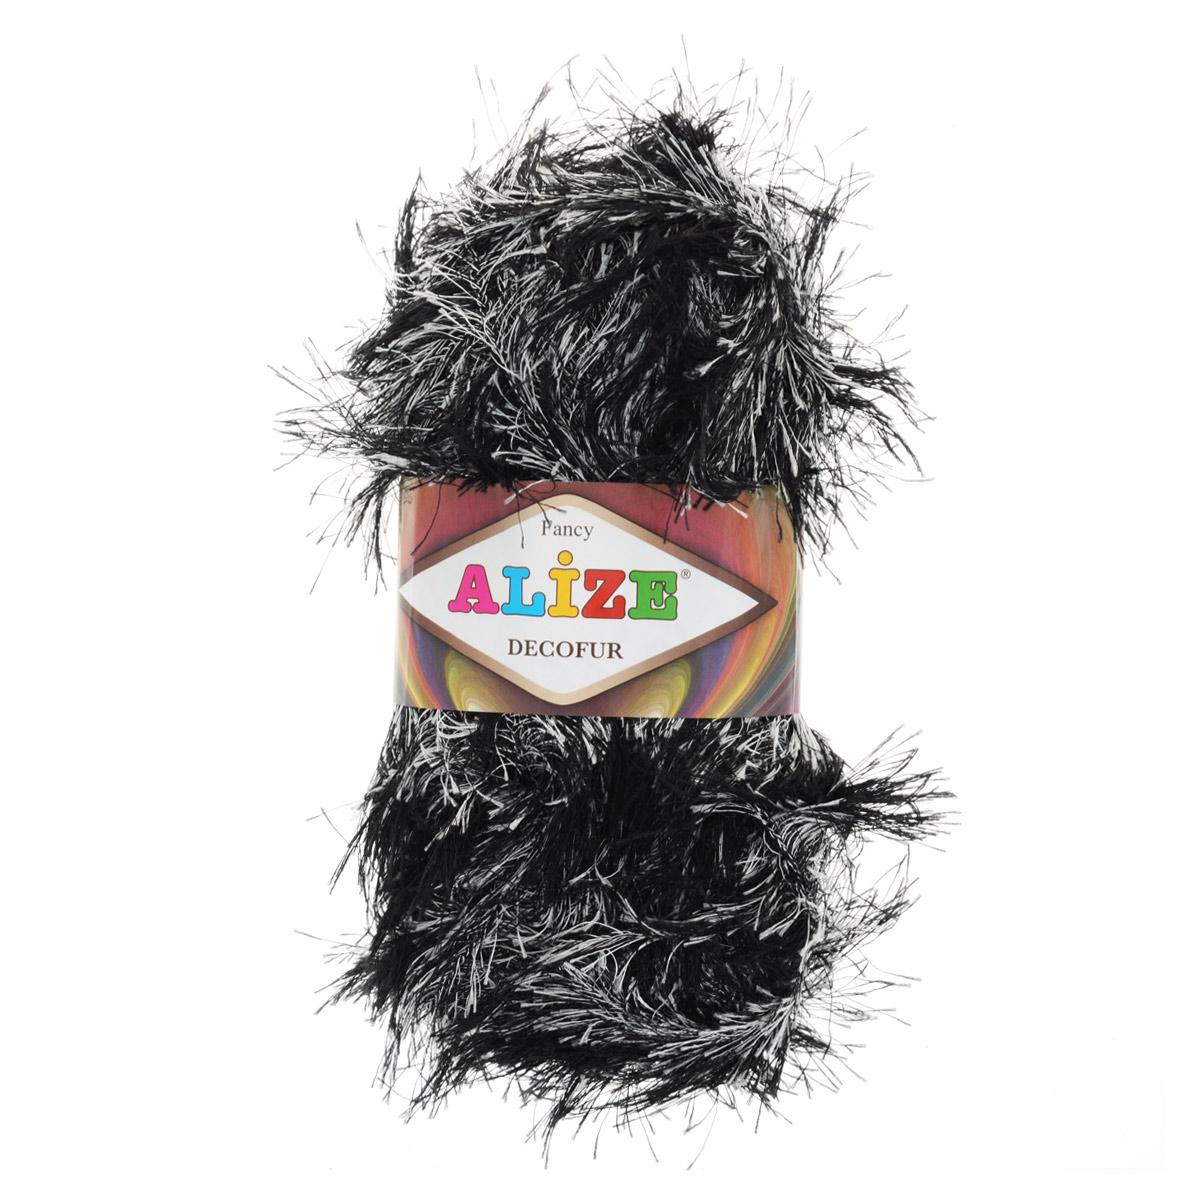 Пряжа для вязания Alize Decofur, цвет: черный, белый (1378), 110 м, 100 г, 5 шт364128_1378Пряжа для вязания Alize Decofur изготовлена из полиэстера. Пряжа-травка предназначена для ручного вязания и идеально подходит для отделки. Готовый ворс получается равным 4 см. Рекомендованные спицы для вязания 6-8 мм. Рекомендованный крючок для вязания 3-4 мм. Комплектация: 5 мотков. Состав: 100% полиэстер.